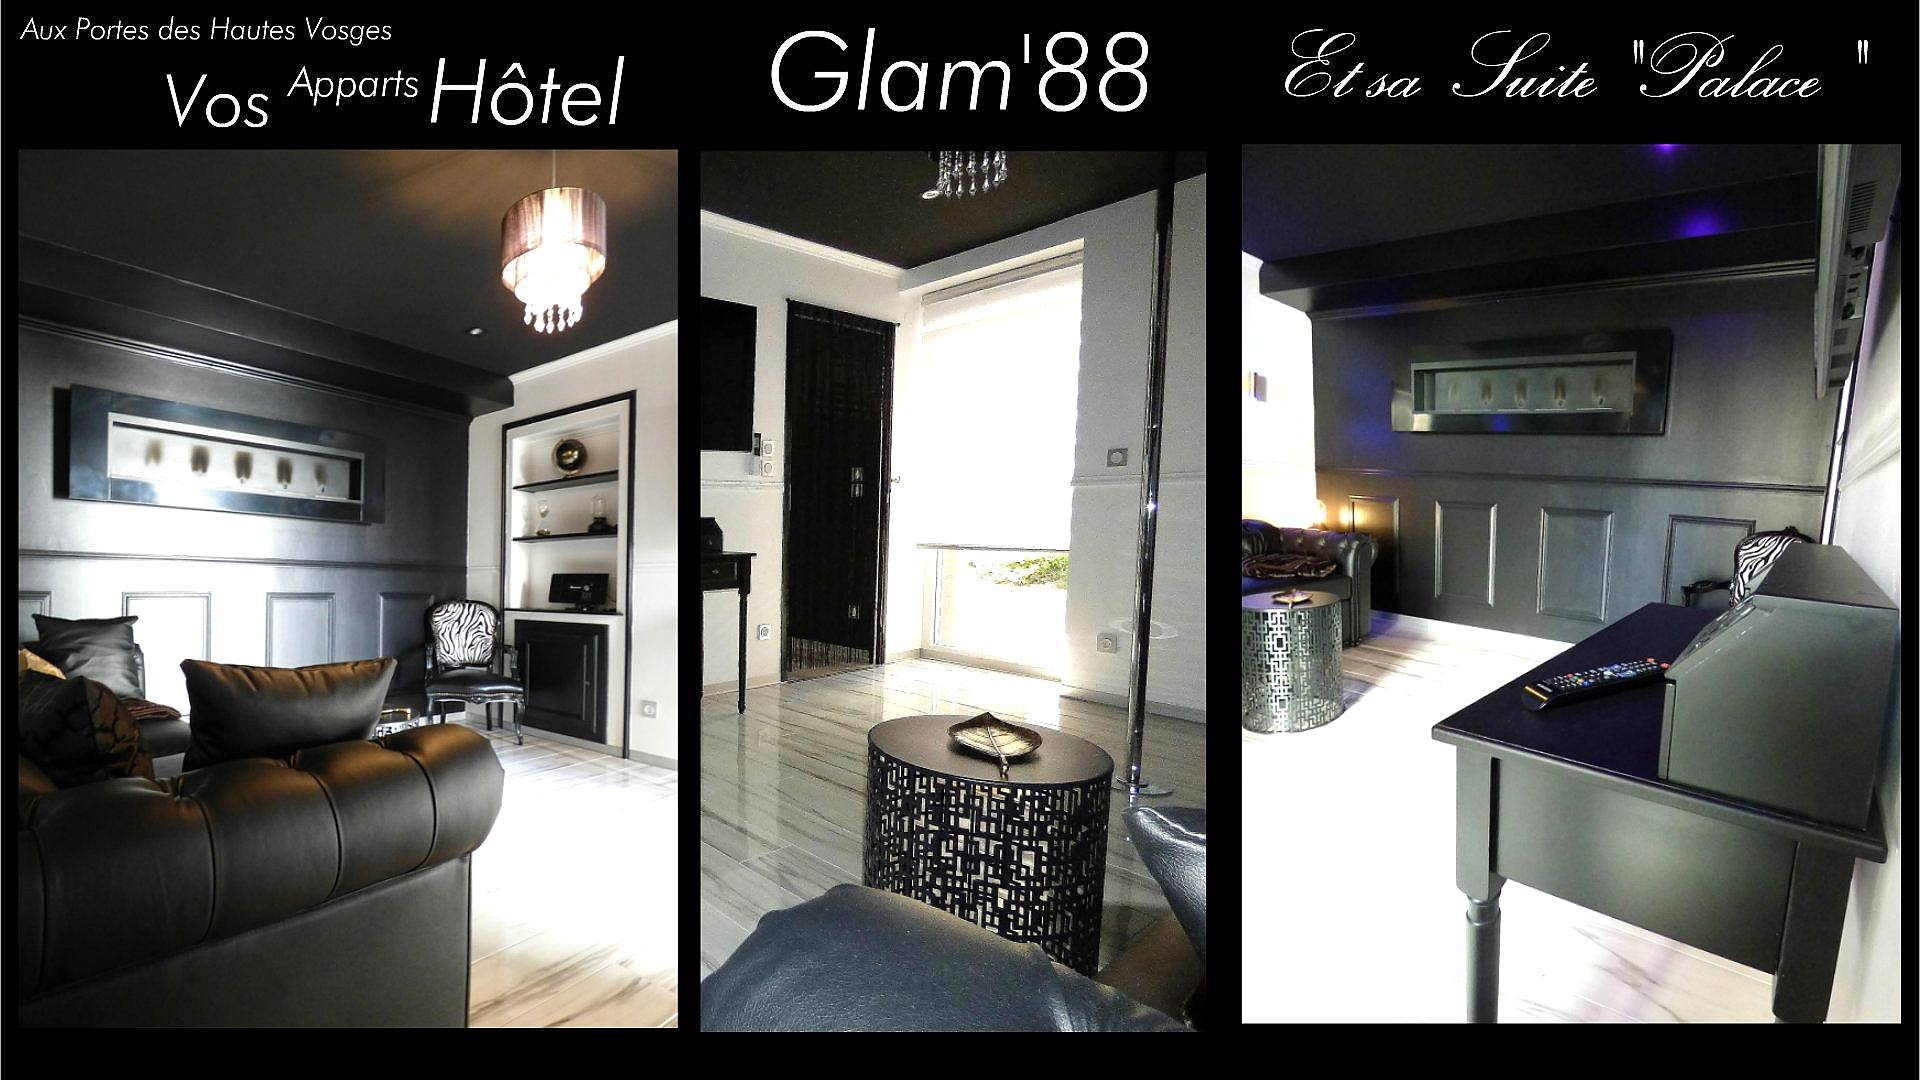 séjour de Luxe et de Standing Appart Hotel Glam'88 Vosges